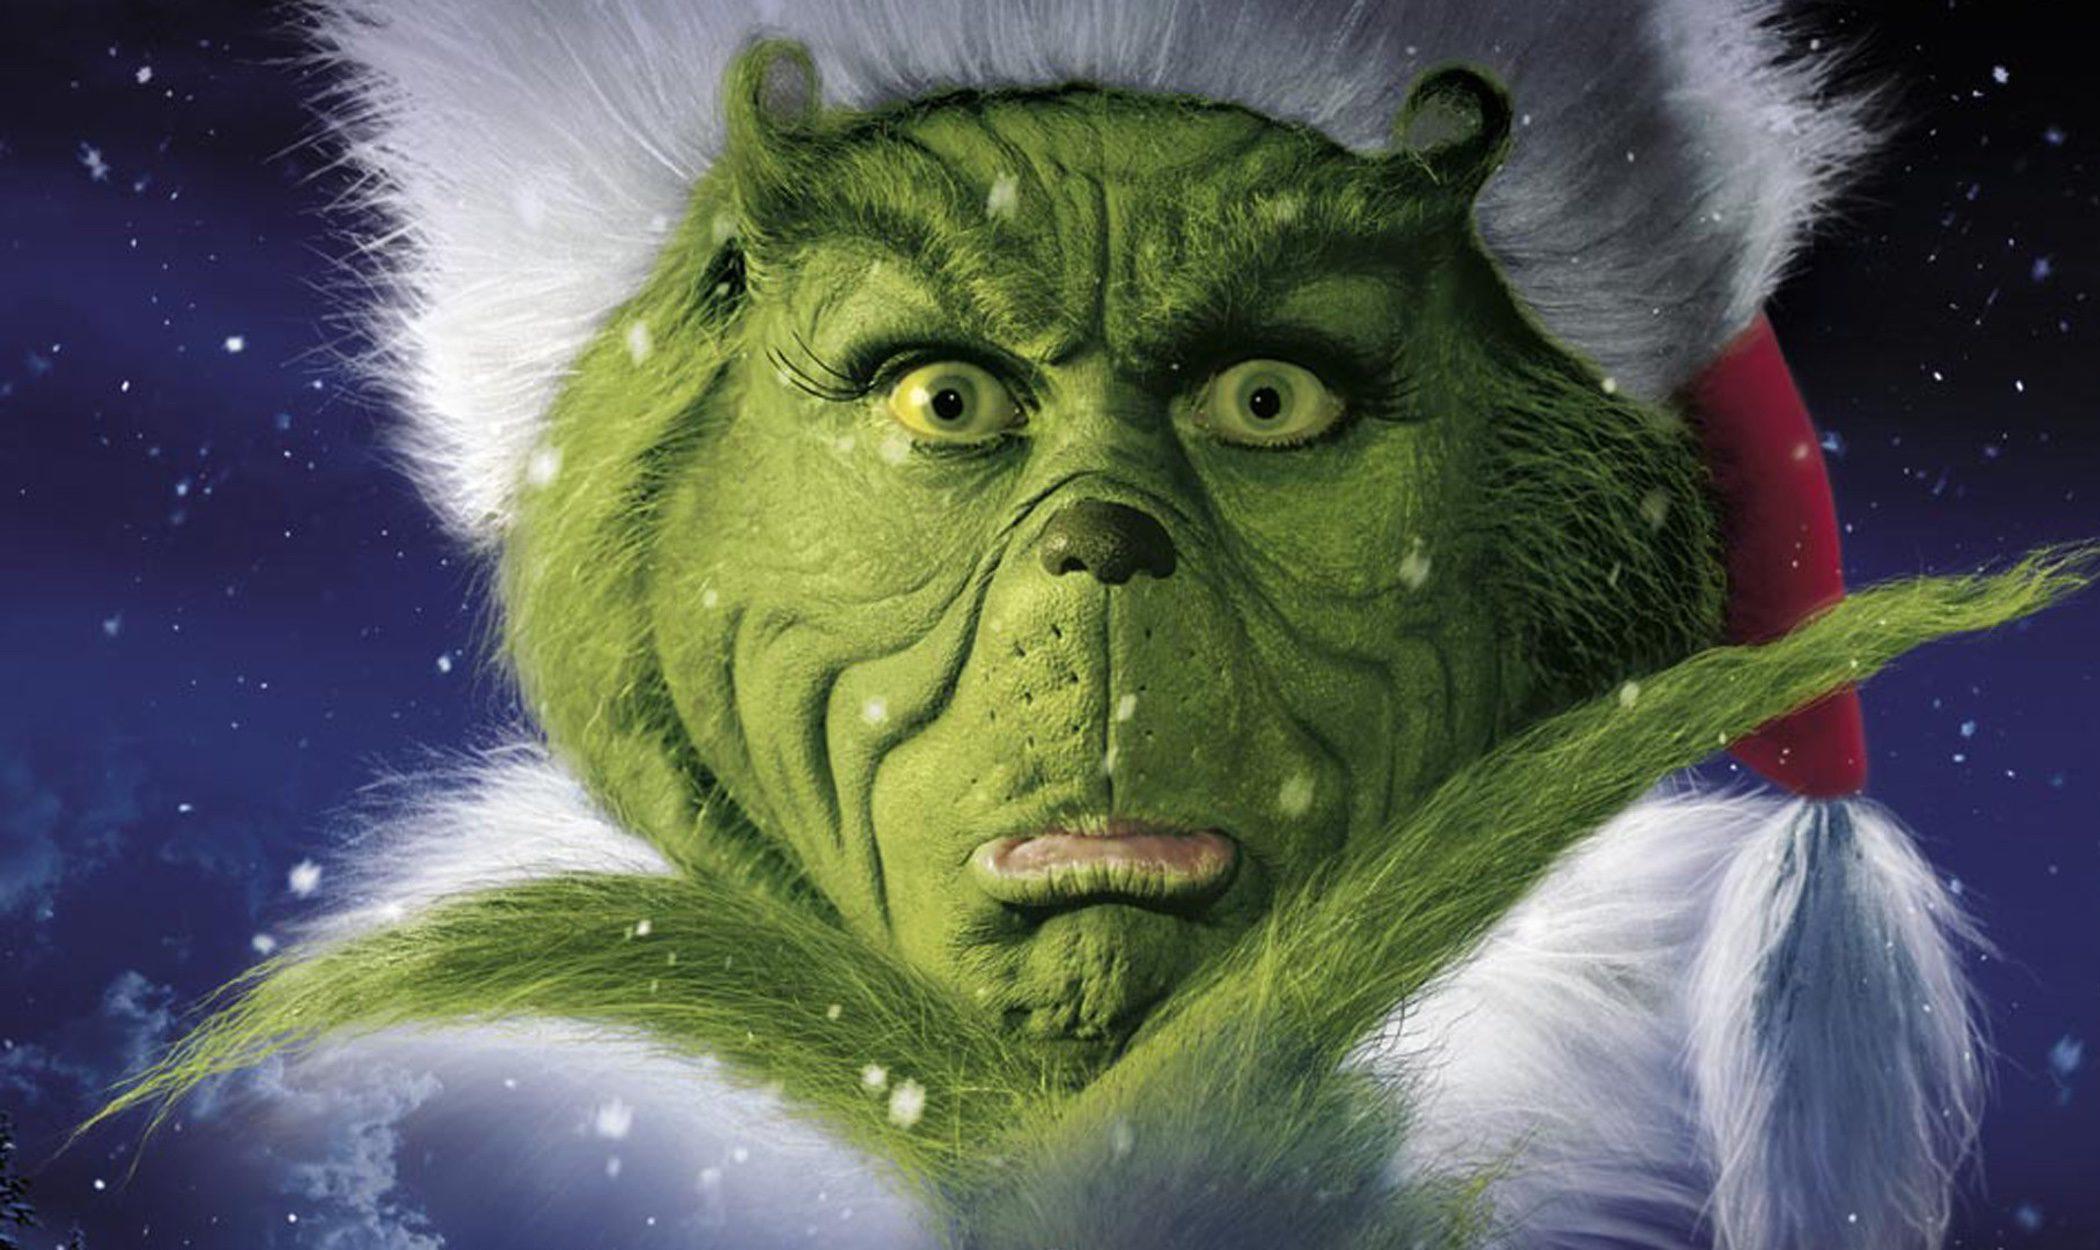 El Grinch, el ladrón de la Navidad